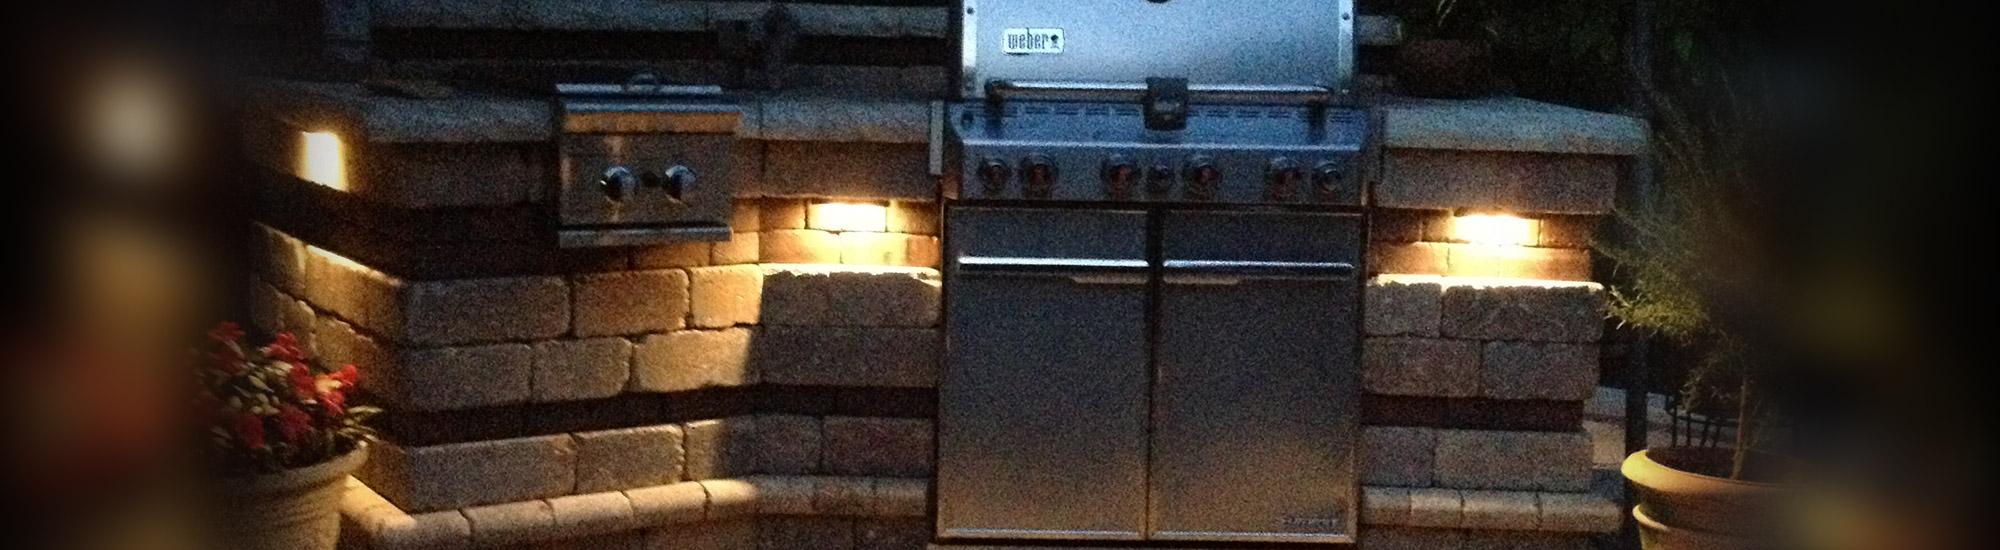 brick paver grill enclouser mt prospect